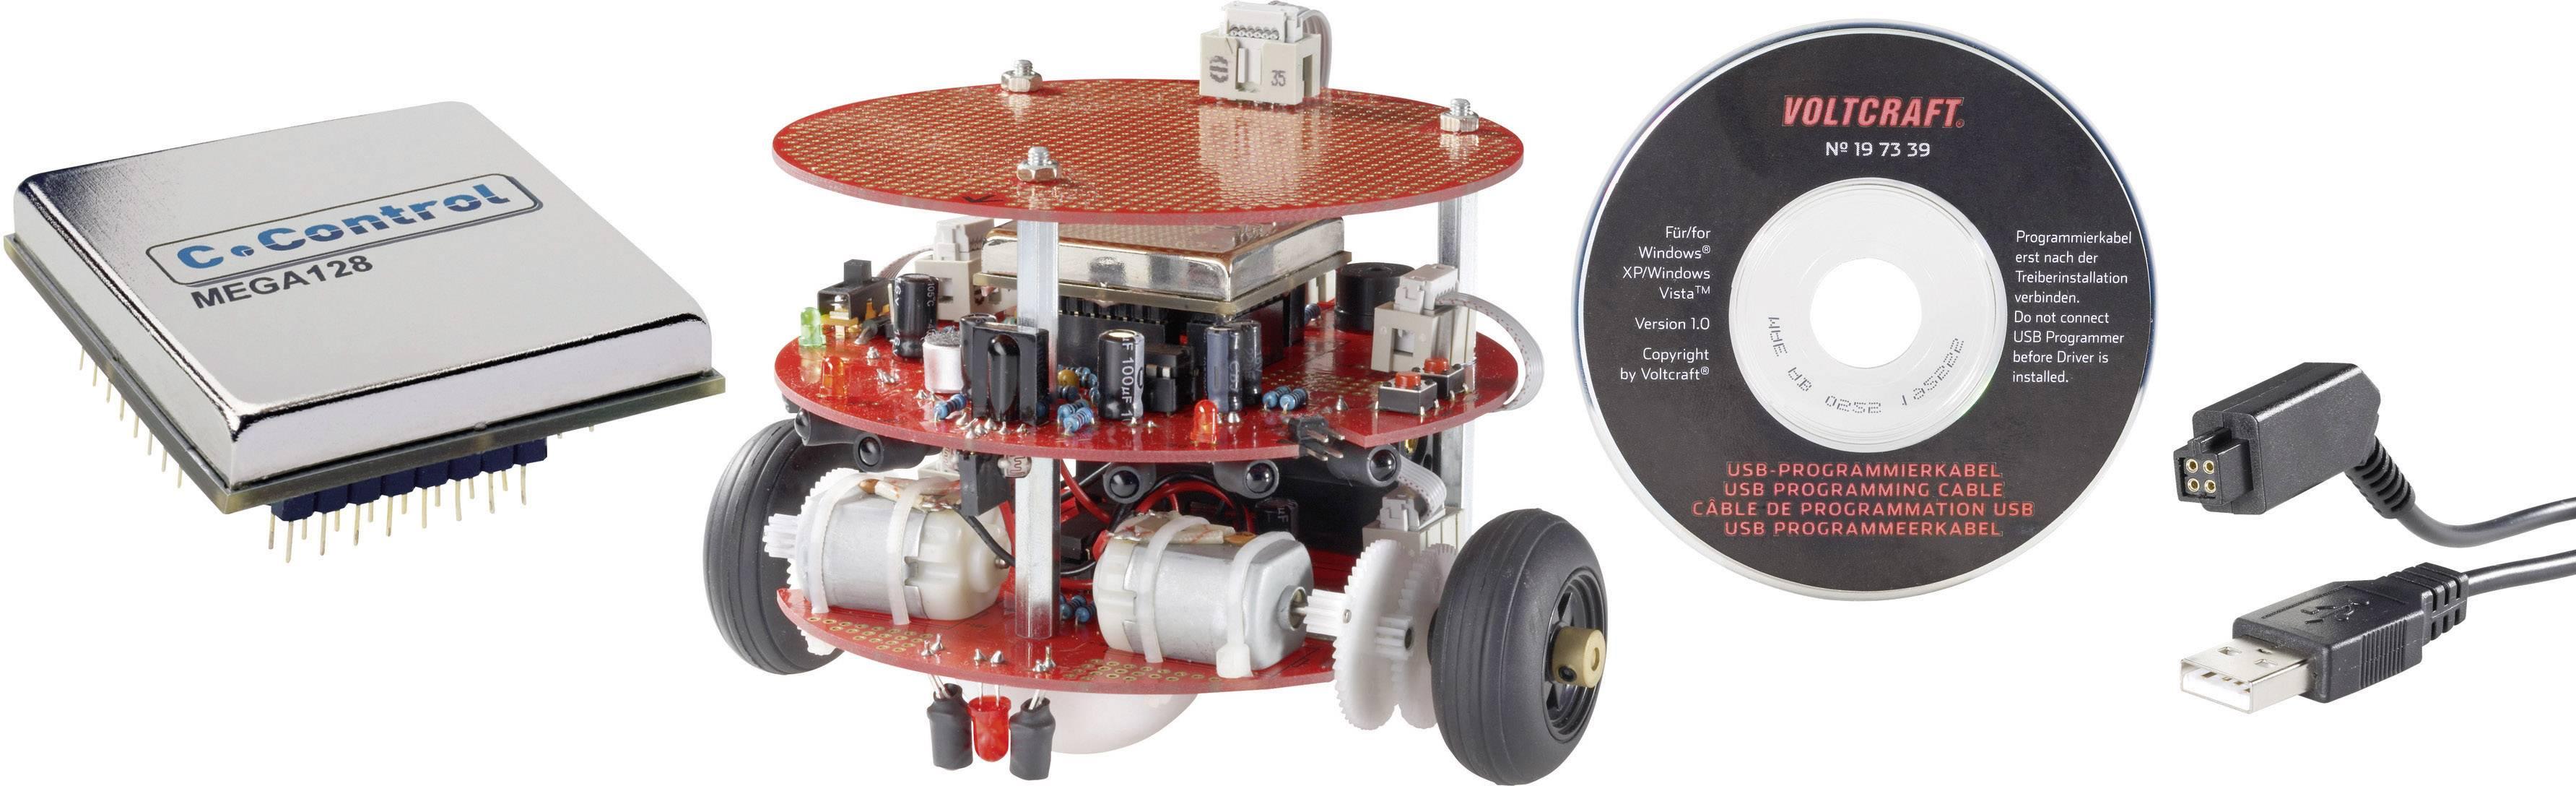 Stavebnica robota + programovacia jednotka + USB kábel, C-Control PRO-BOT128, súprava